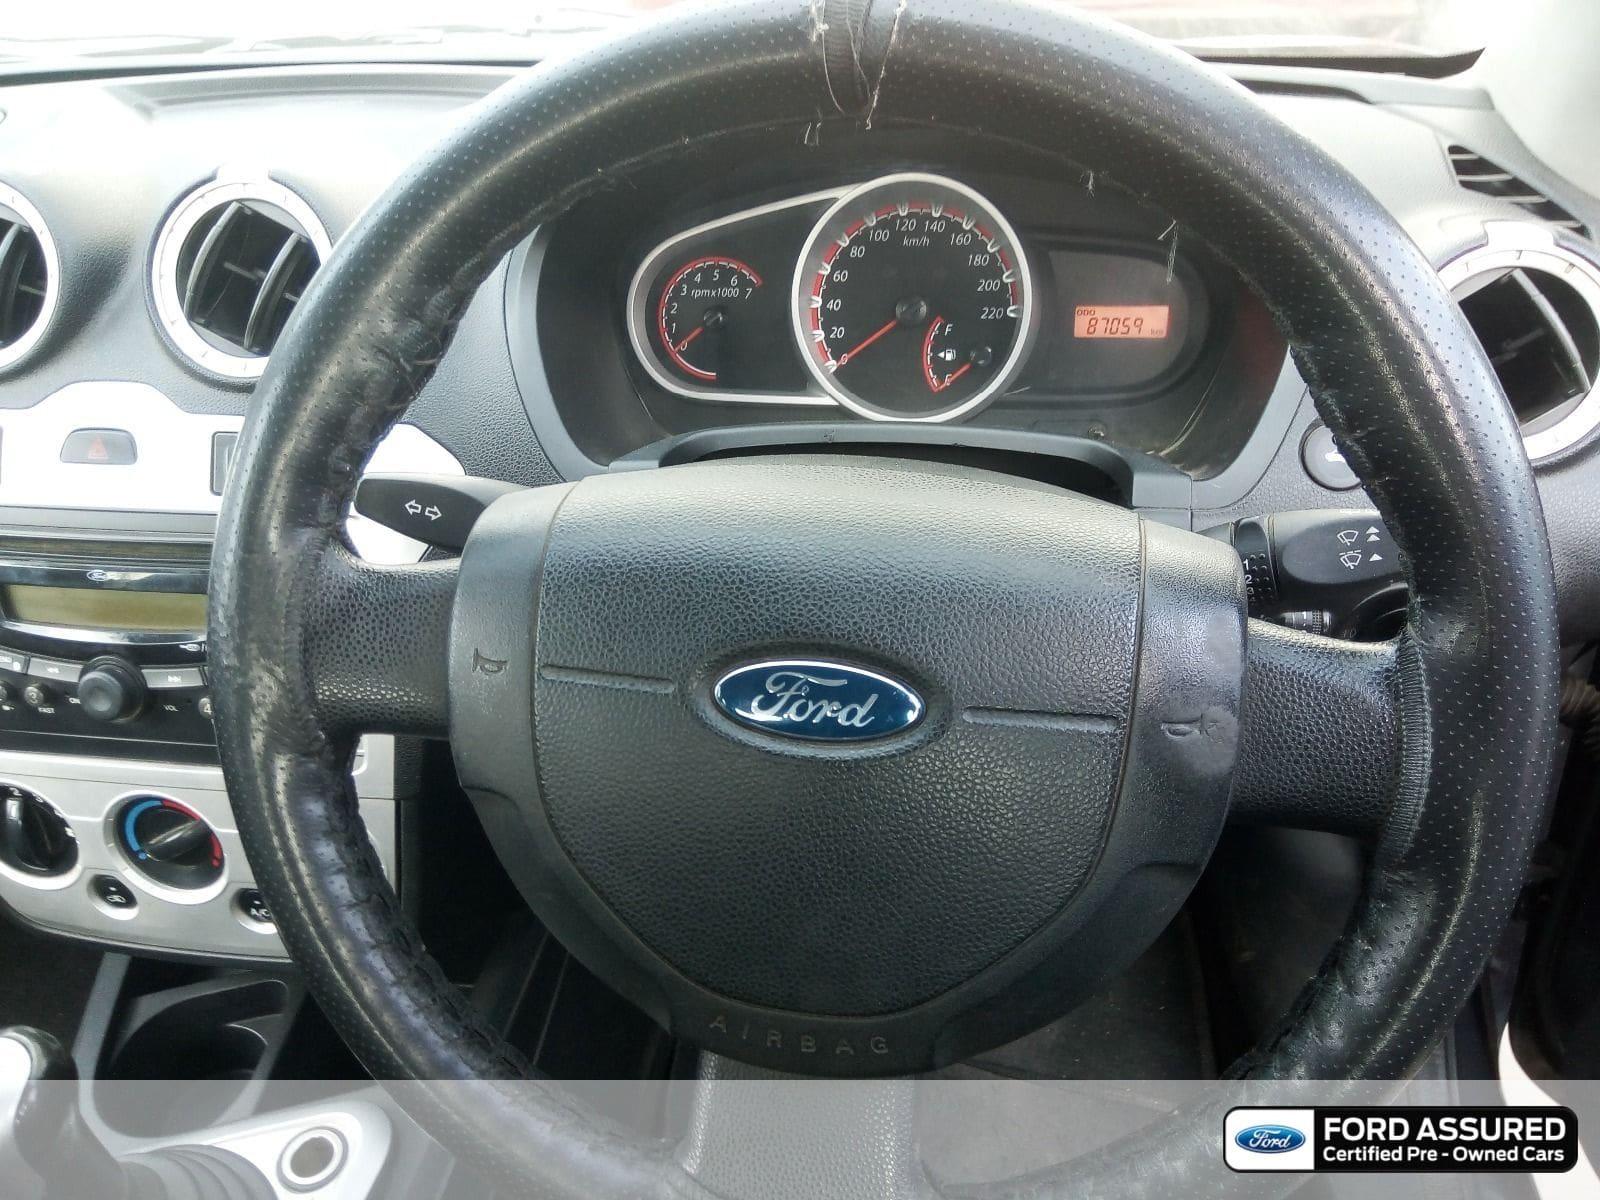 Ford Figo 1.5D Titanium MT